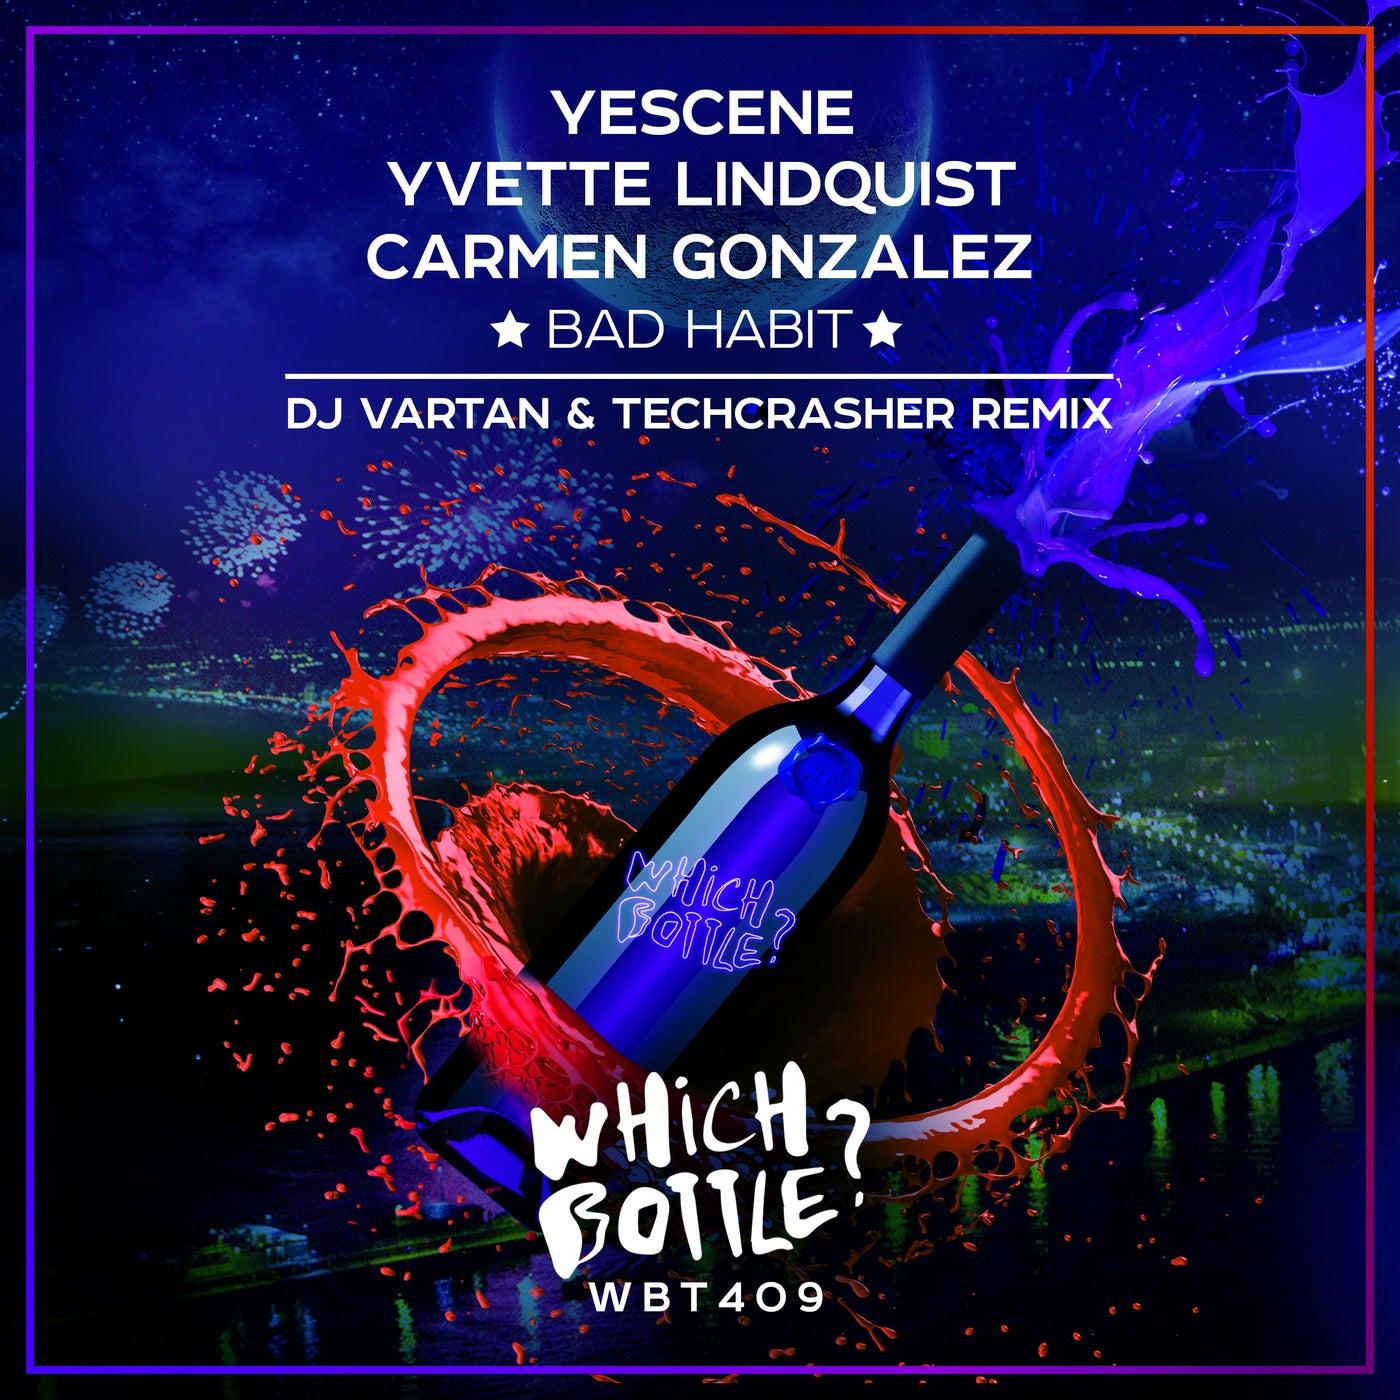 Bad Habit (DJ Vartan & Techcrasher Remix)